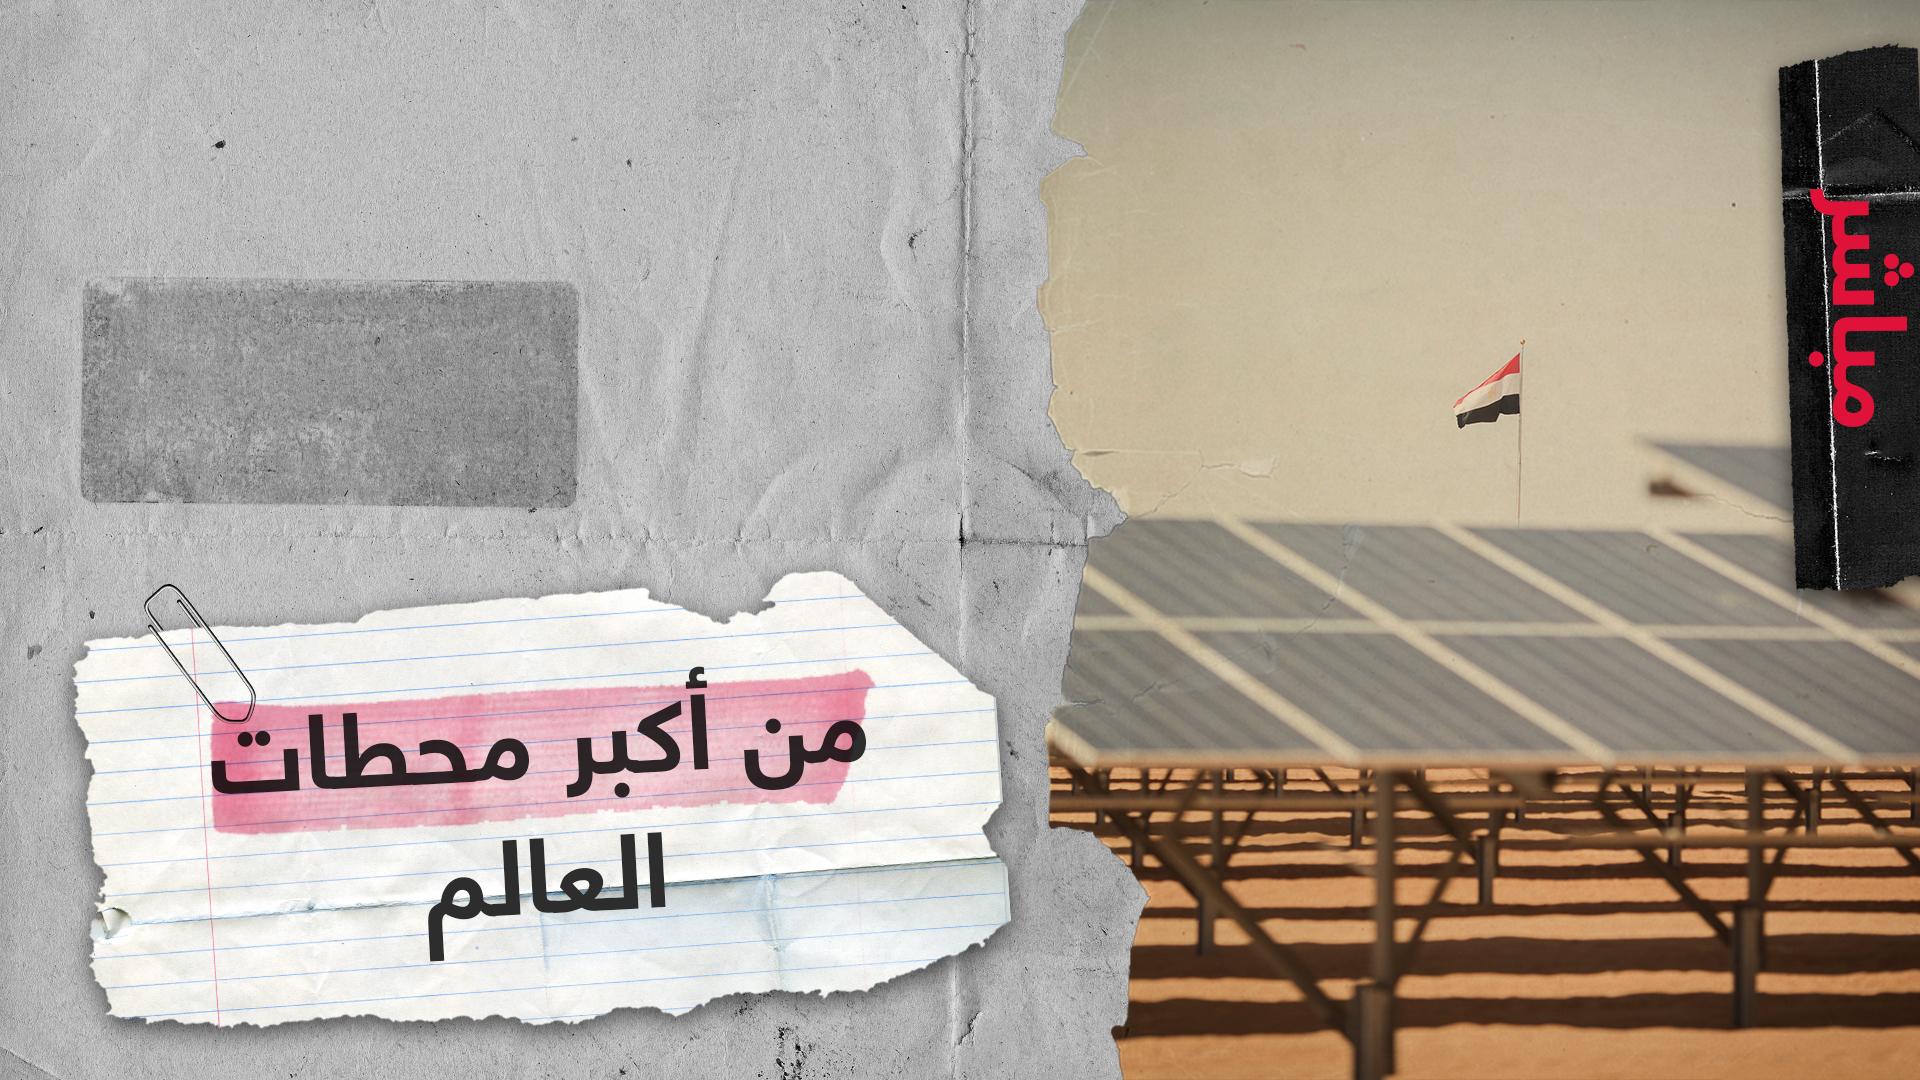 قريبا.. مصر تفتتح واحدة من أكبر  محطات توليد الطاقة الشمسية في العالم